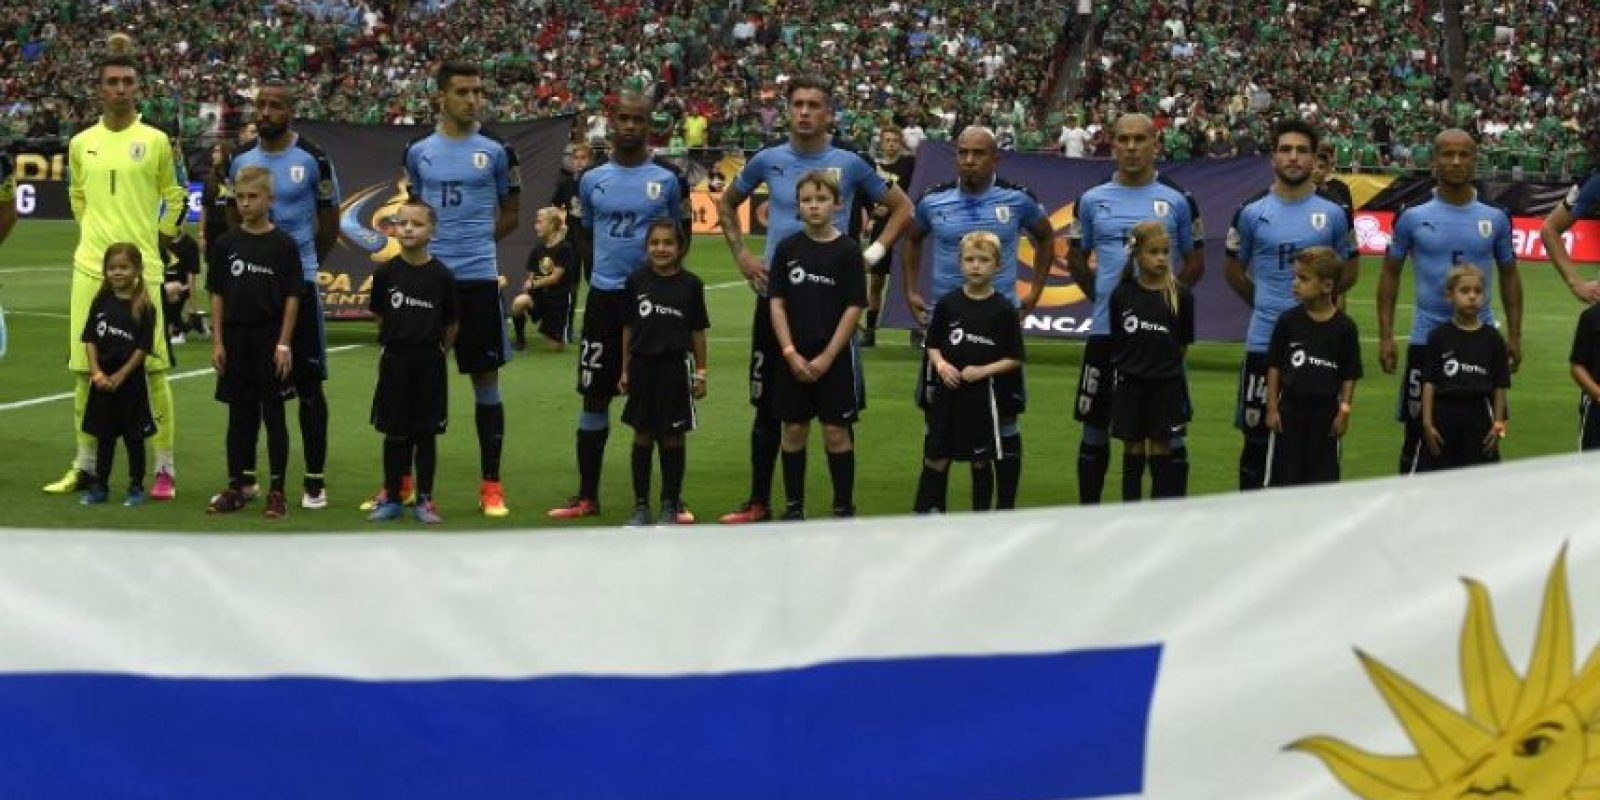 Los charrúas no empezaron nada de bien el partido y tuvieron que escuchar el himno chileno en vez del suyo en la ceremonia previa al partido Foto:AFP